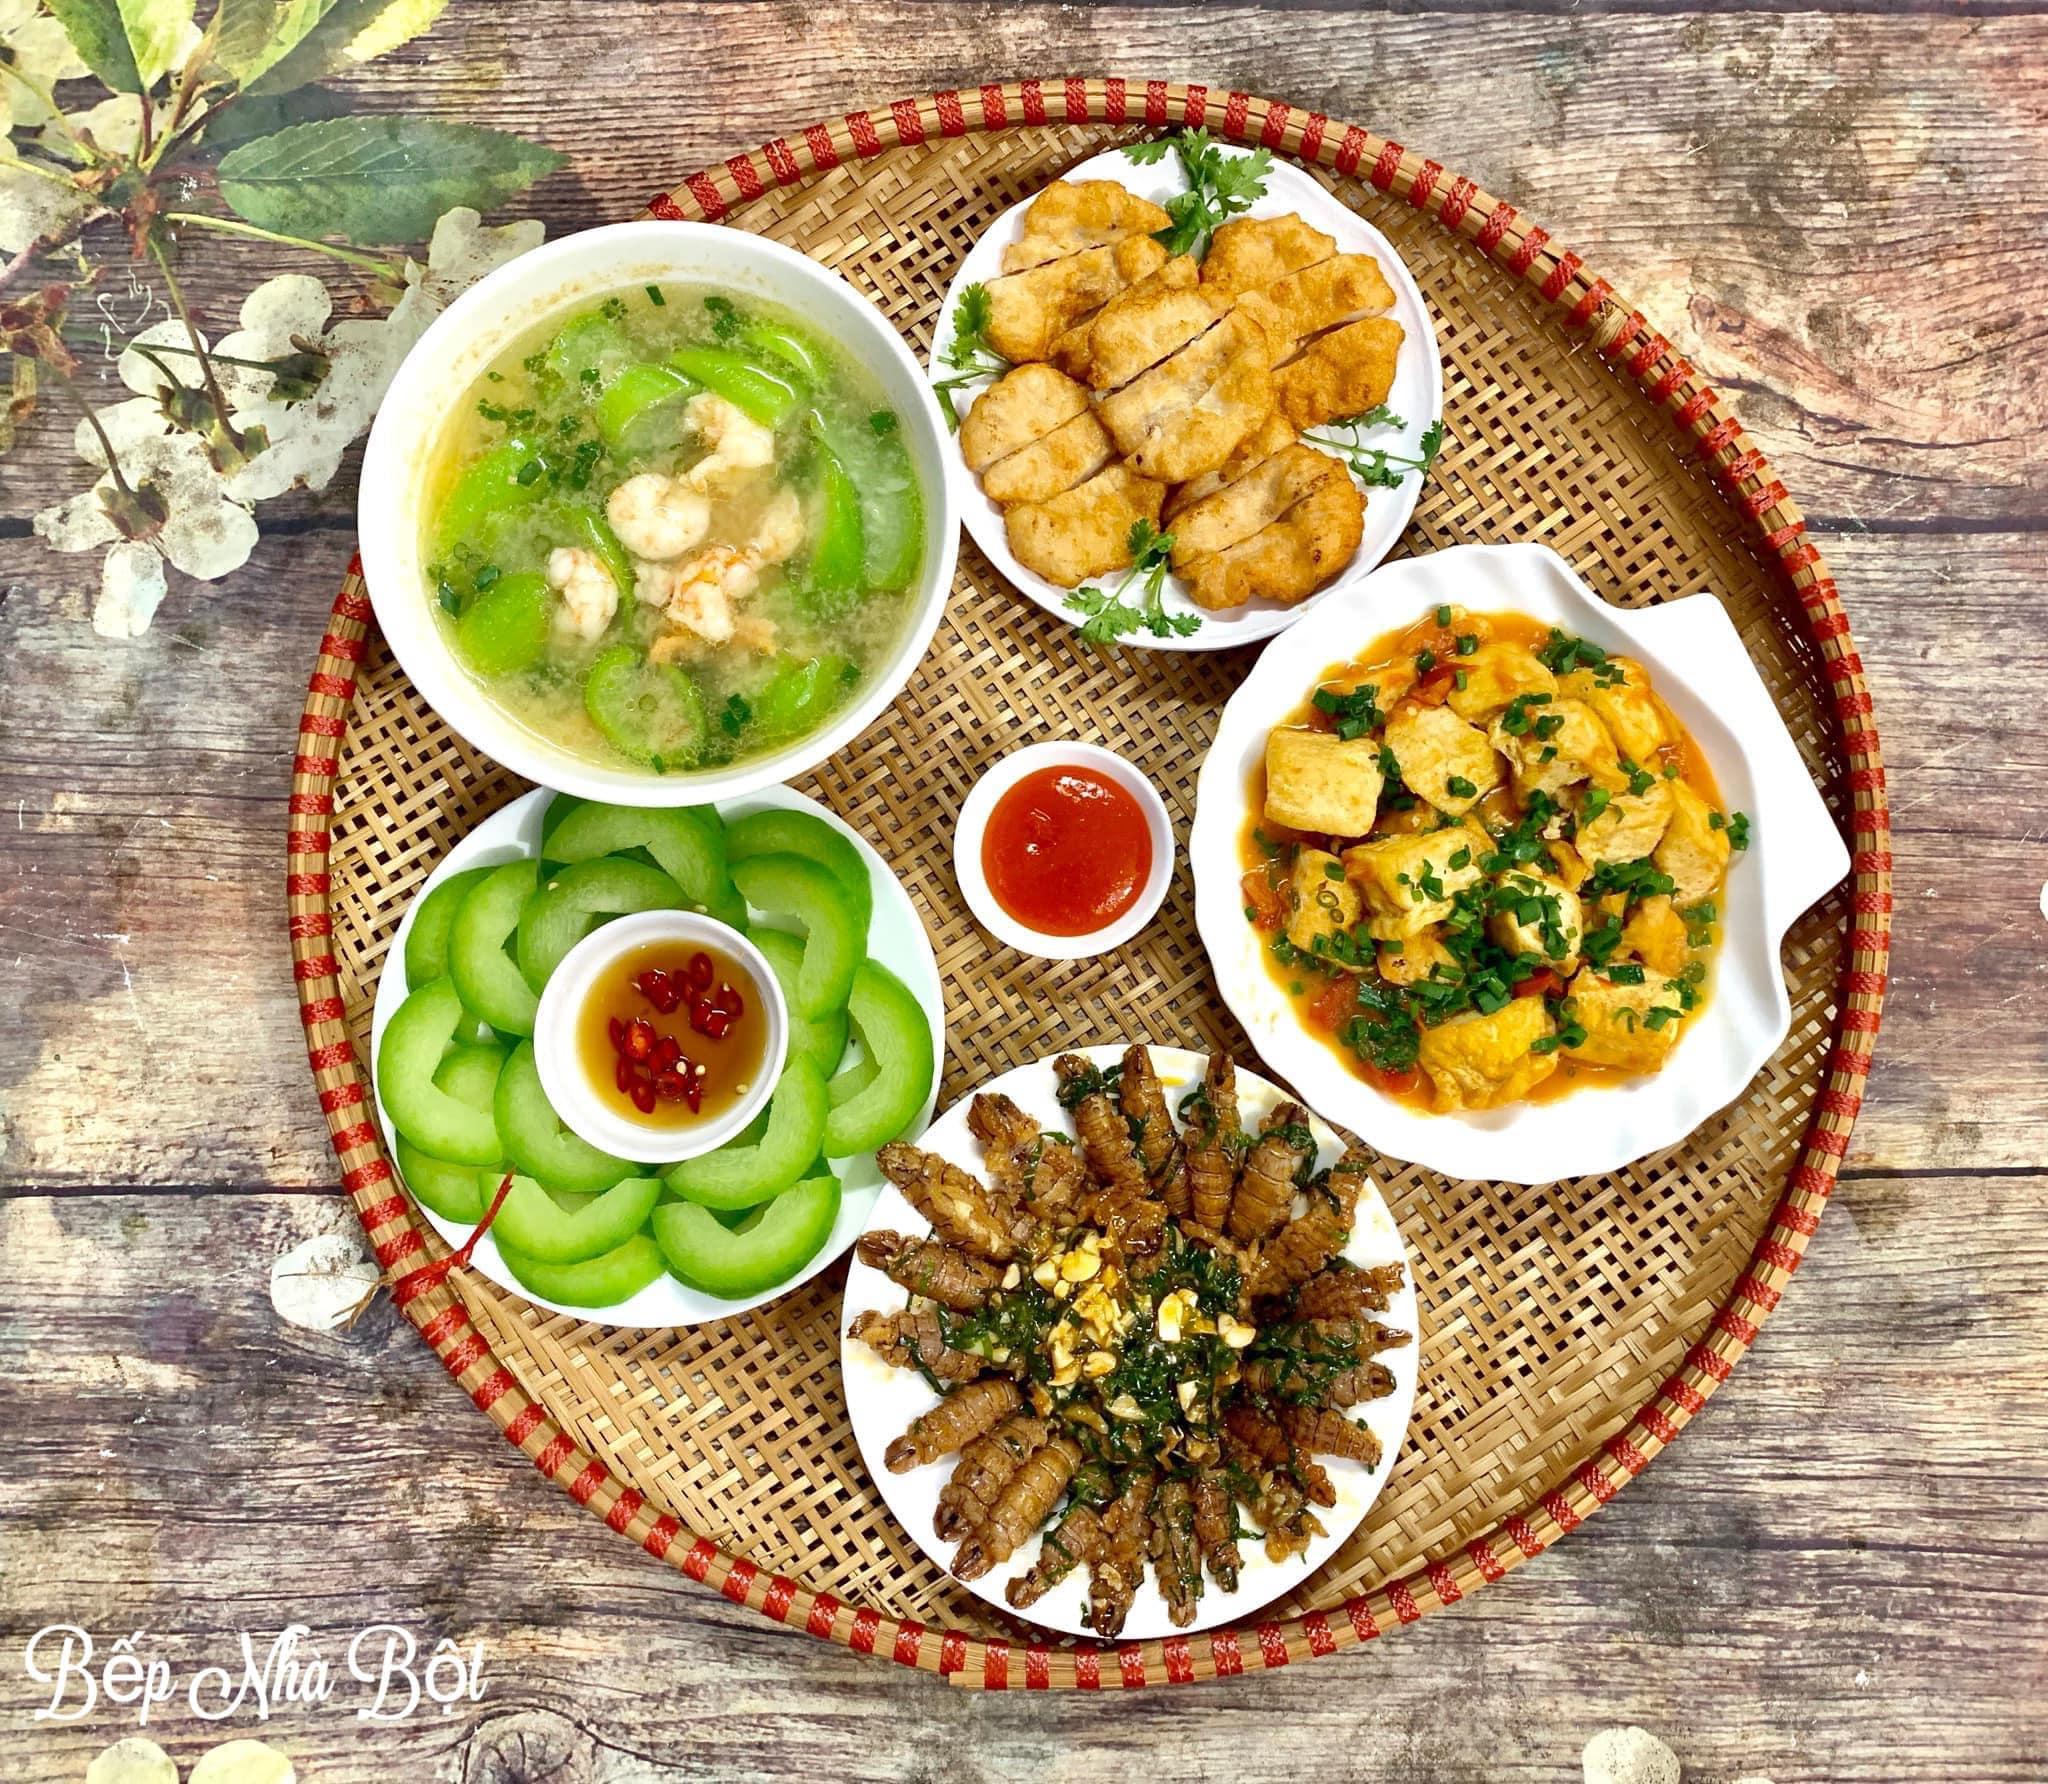 """Mâm cơm chỉ từ 120k của mẹ đơn thân Hà Nội khi coi """"Nấu ăn vì đam mê không phải là trách nhiệm"""" khiến ai nhìn cũng phải xuýt xoa - Ảnh 2."""